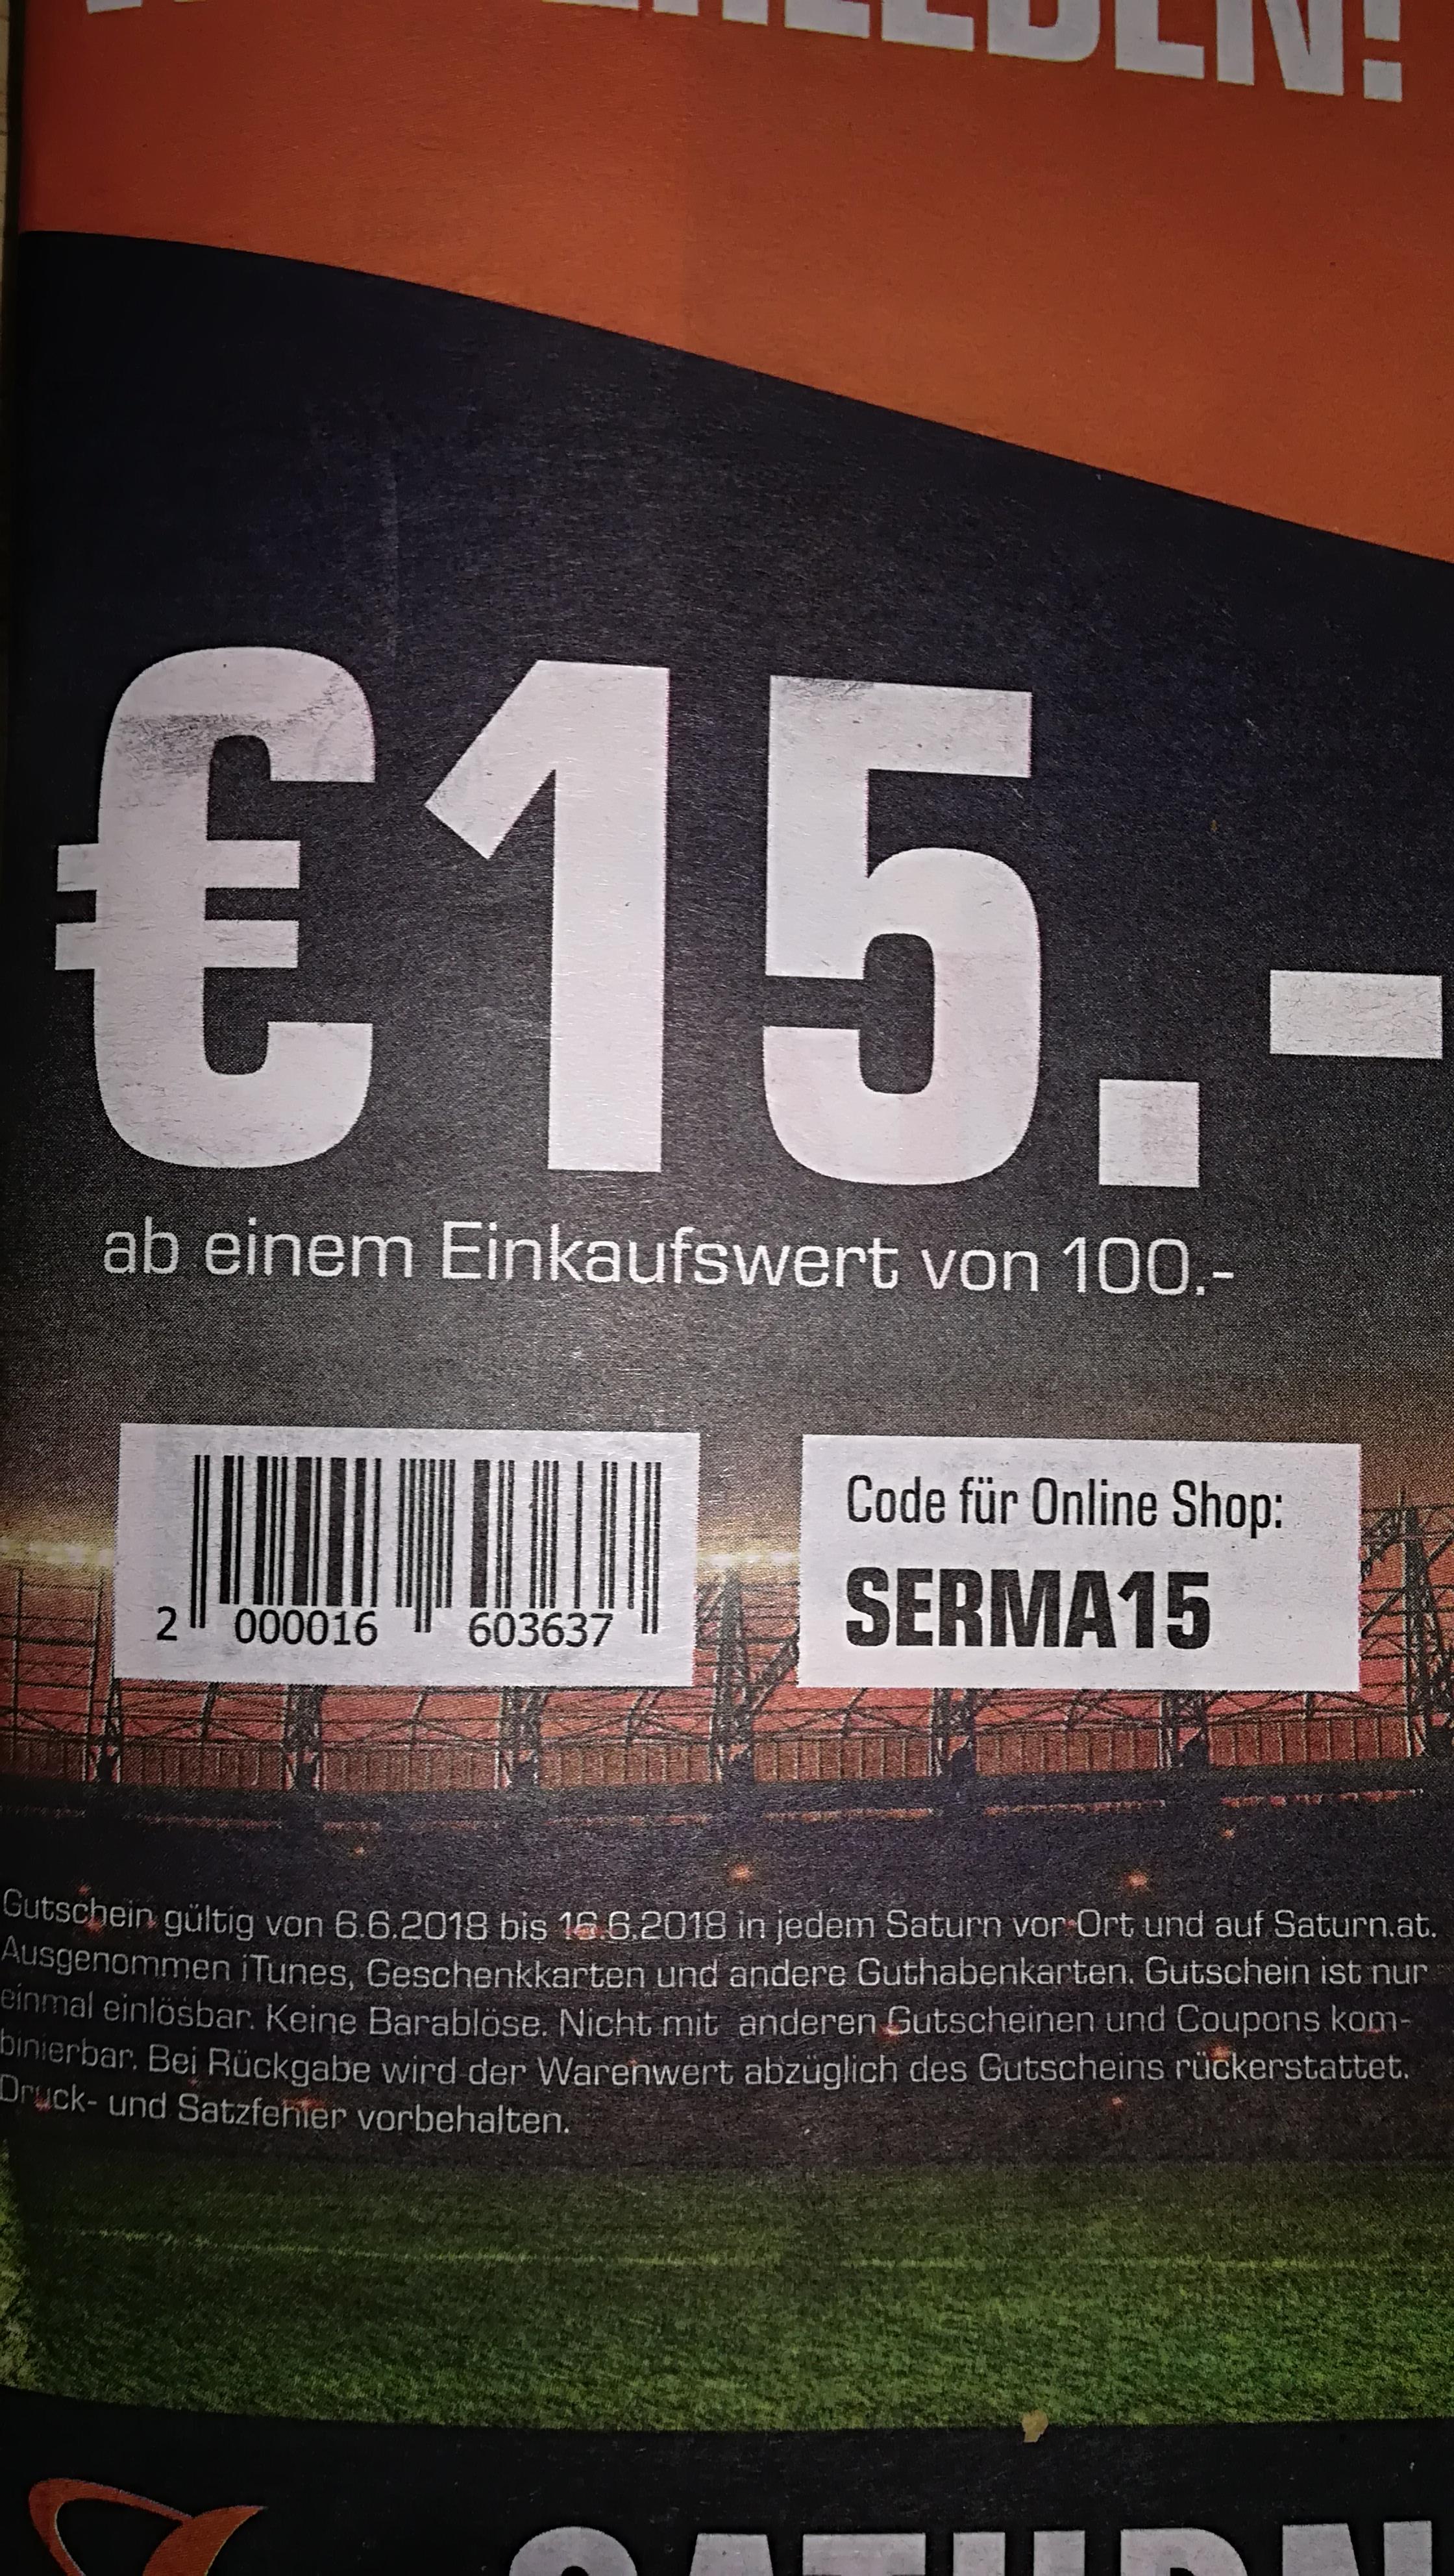 15 Euro Saturngutschein